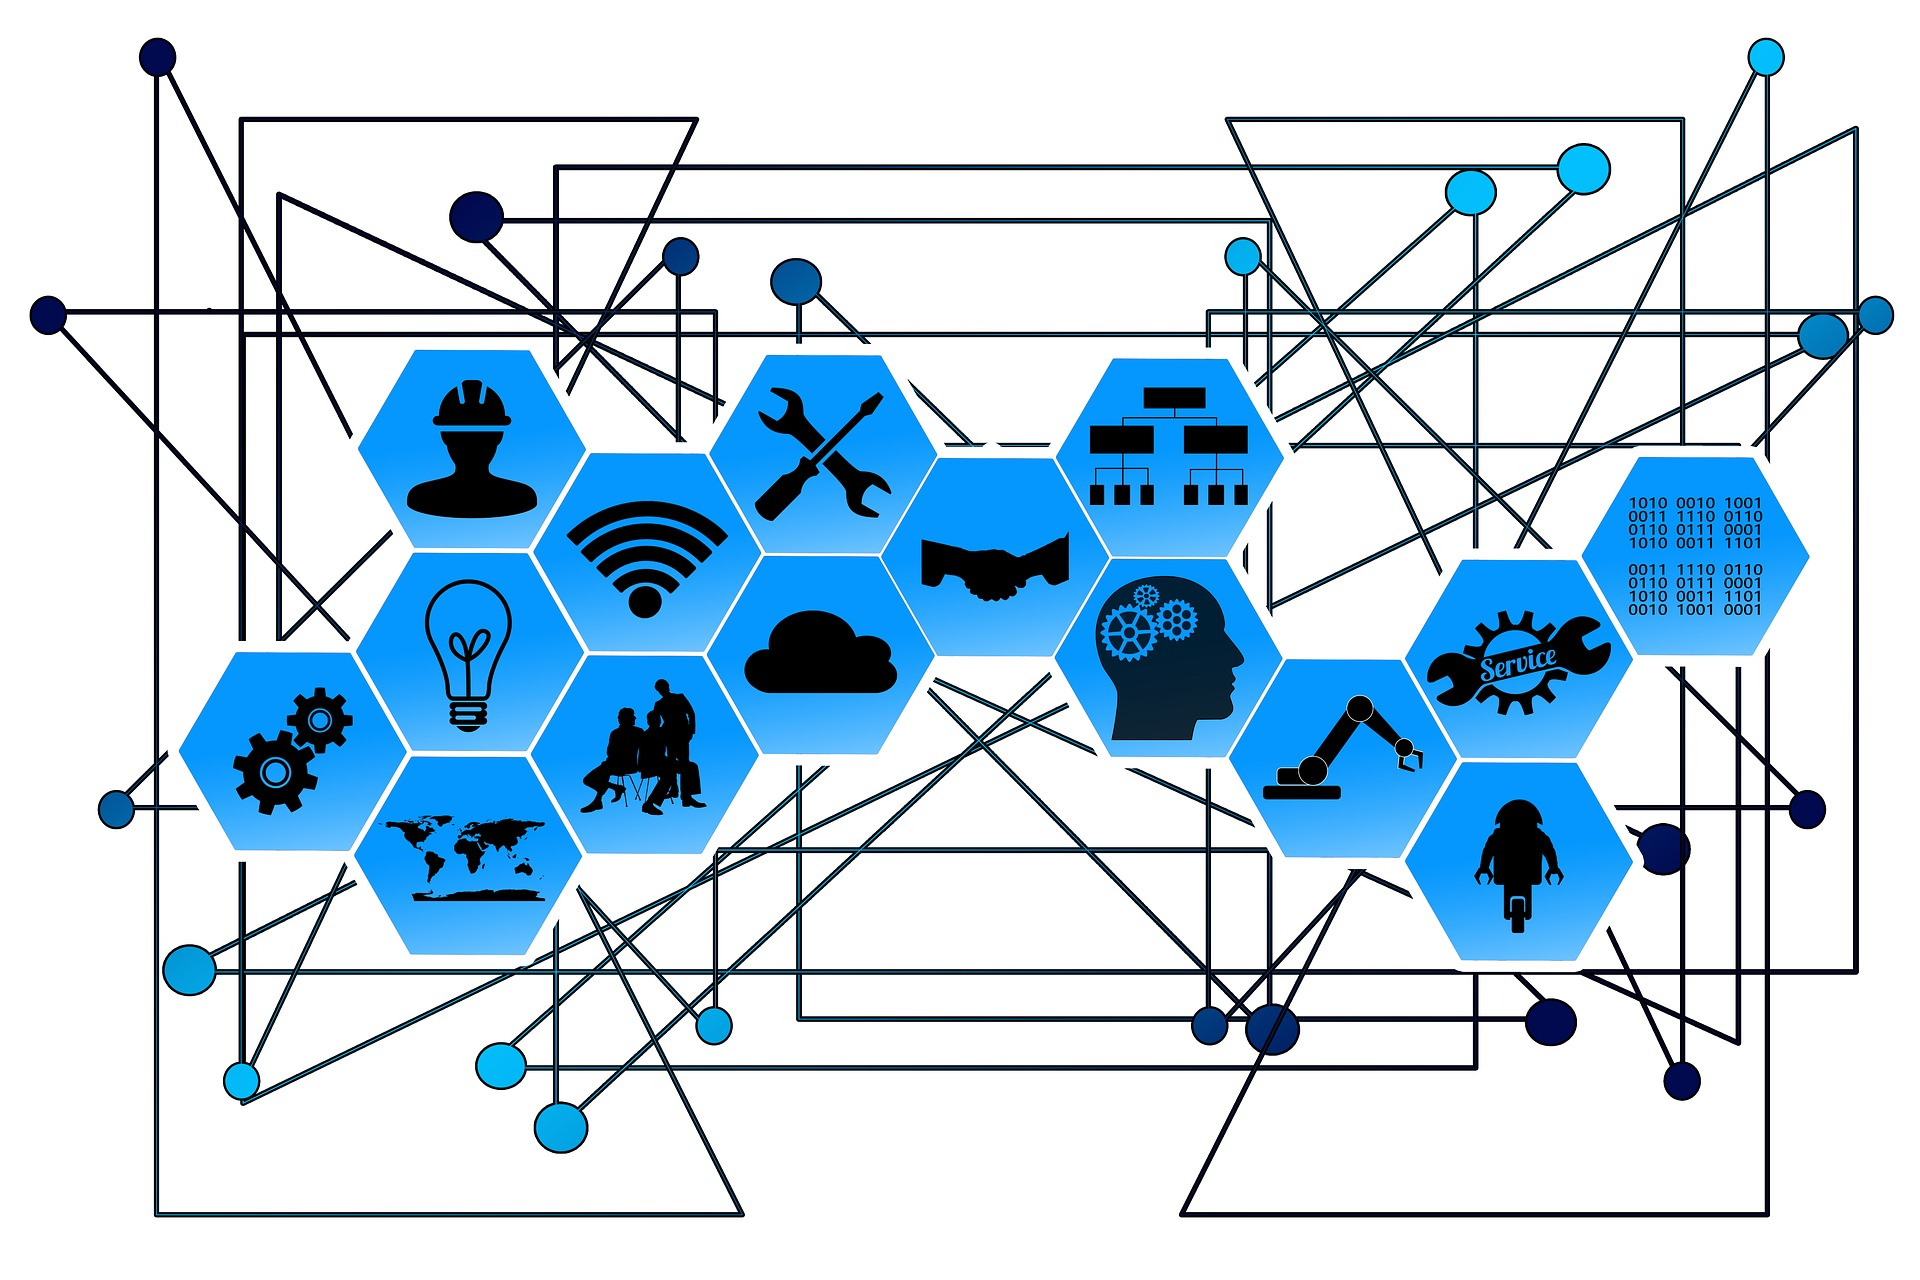 Ingeniería moderna, estudios energéticos, planificación total, servicios energéticos, proyectos llave en mano